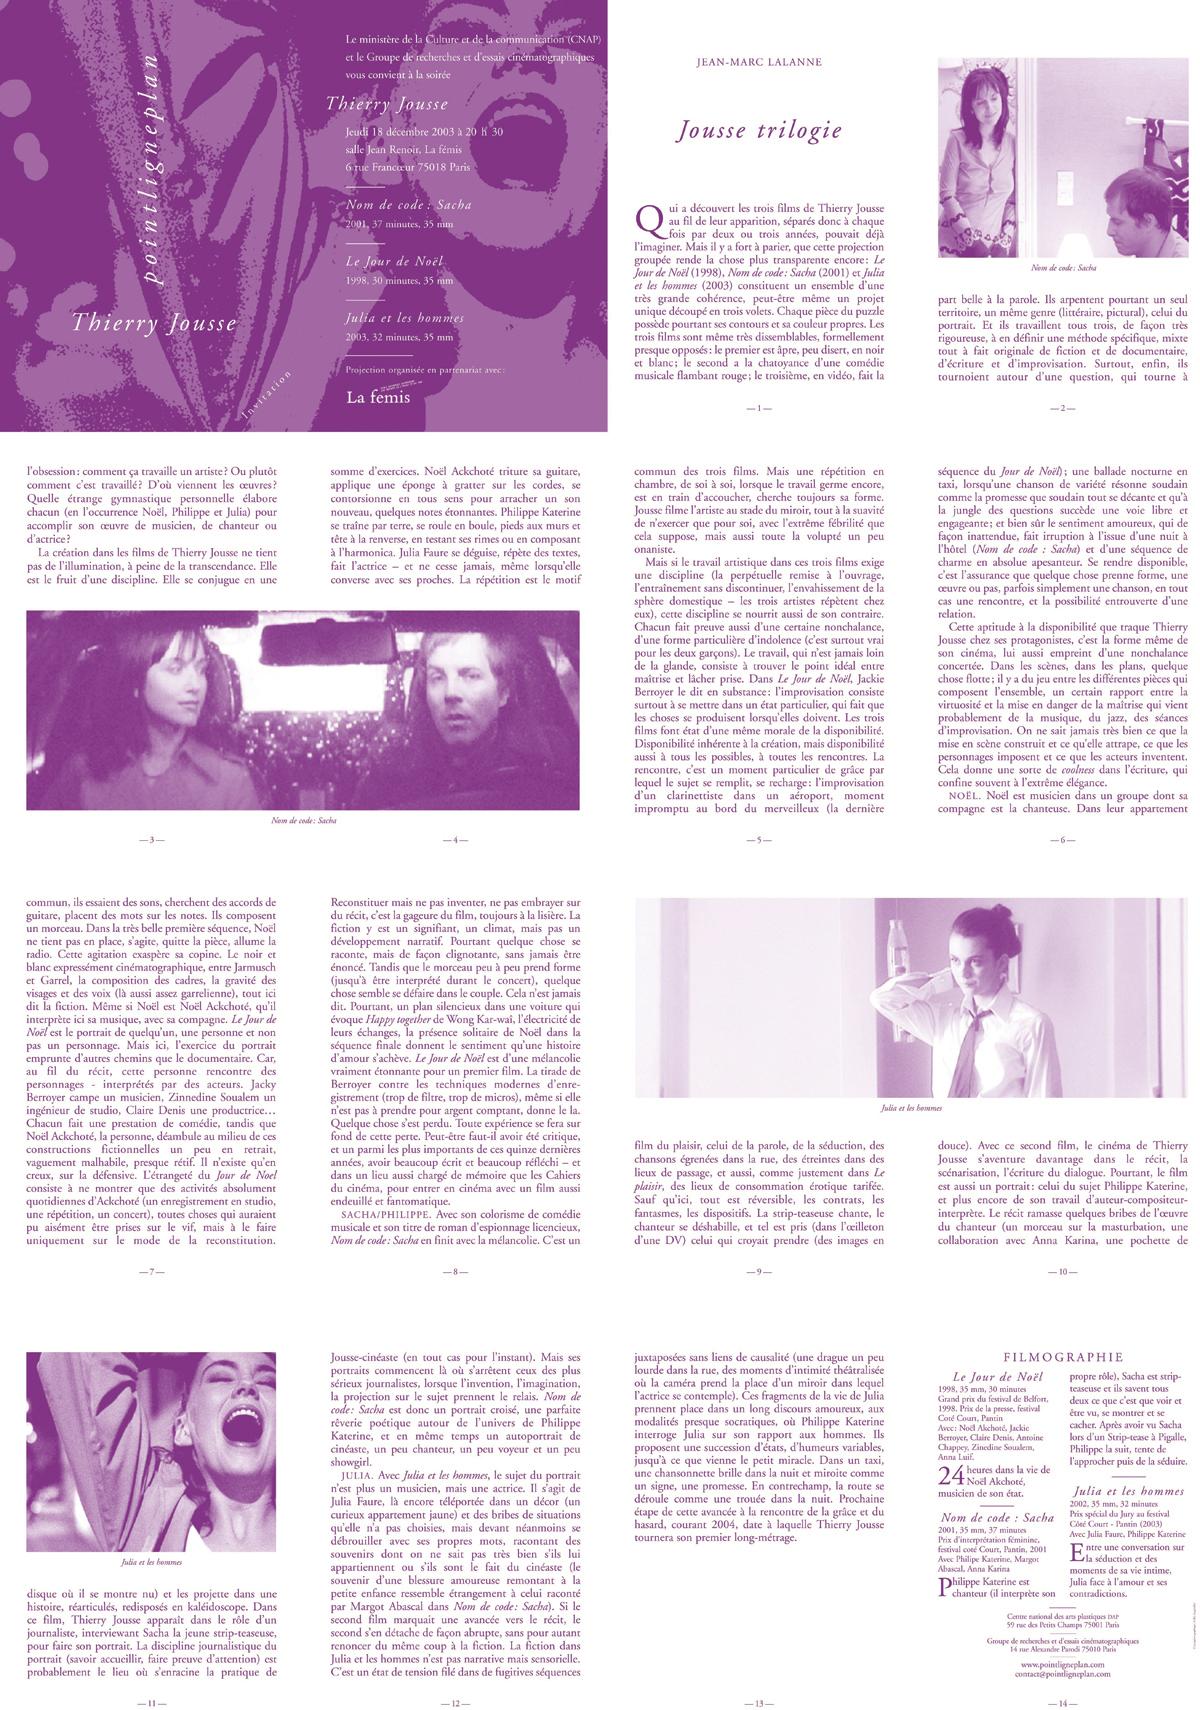 Soirée Thierry Jousse Jeudi 18 décembre 2003. La fémis